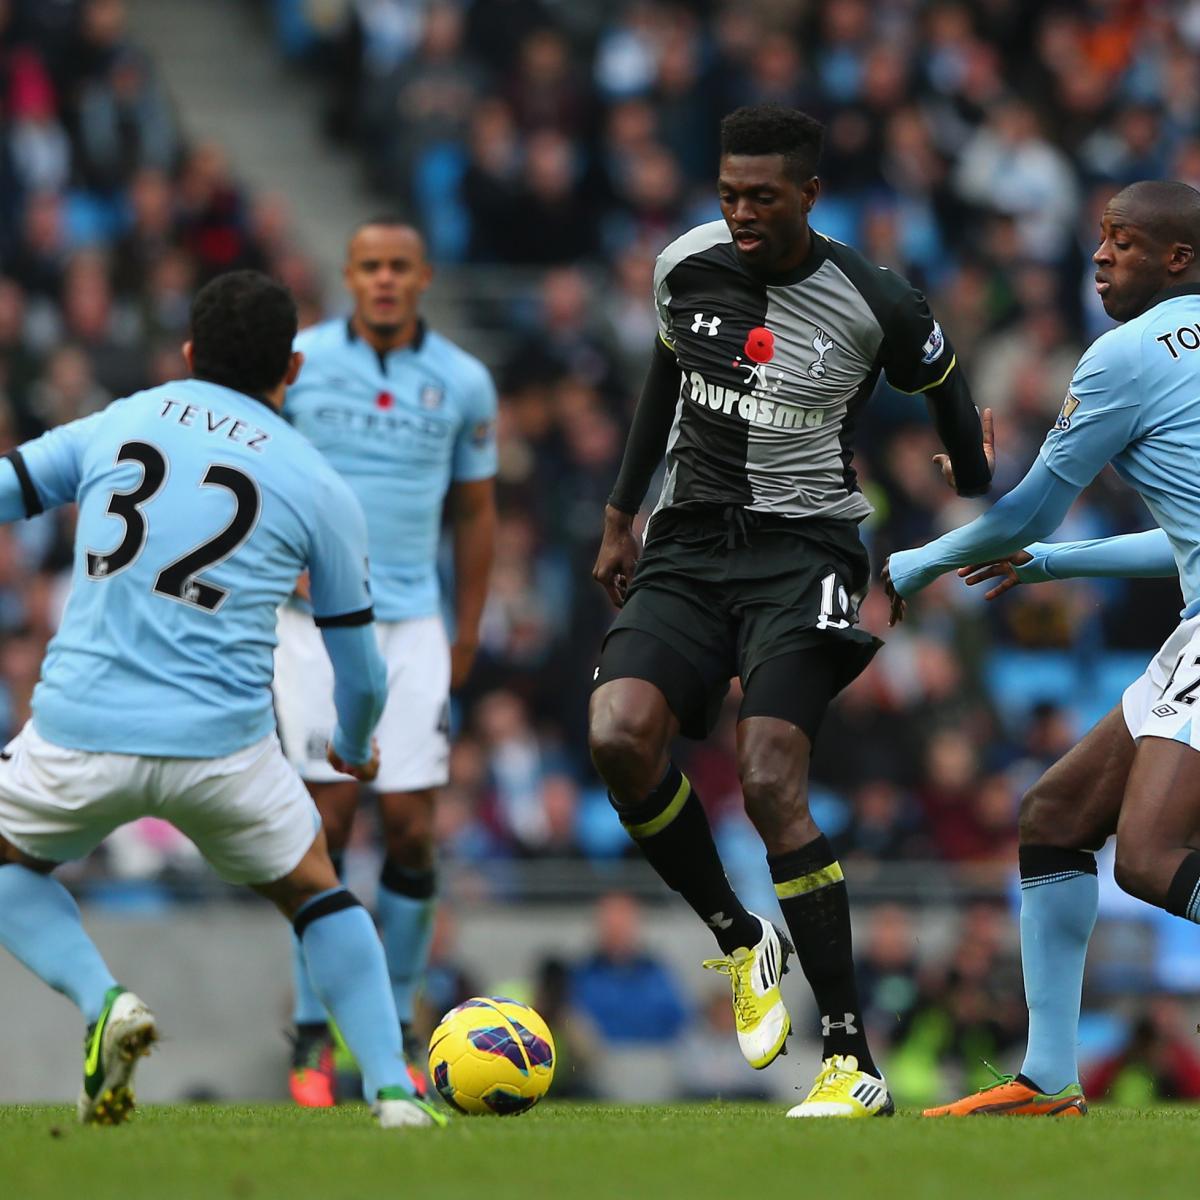 Tottenham Hotspur Vs Man United Tickets: Tottenham Hotspur Vs. Manchester City: 4 Key Battles To